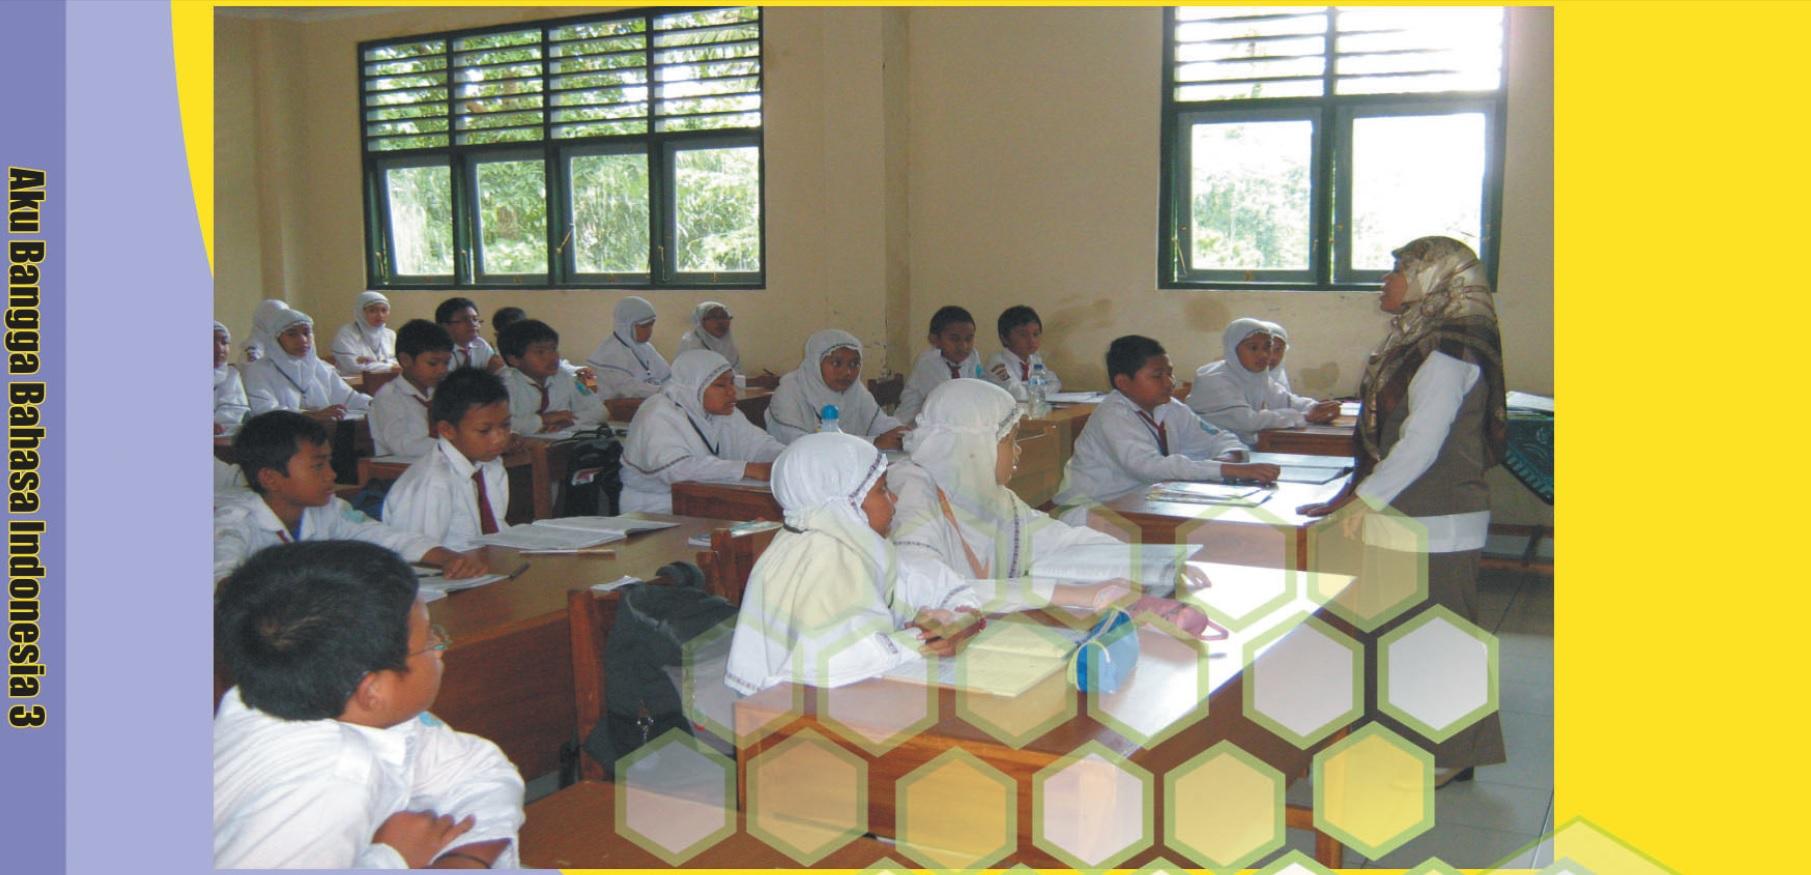 Download Buku Sekolah Elektronik (BSE) Untuk Sekolah Dasar Kelas III (Tiga) Semua Mata Pelajaran